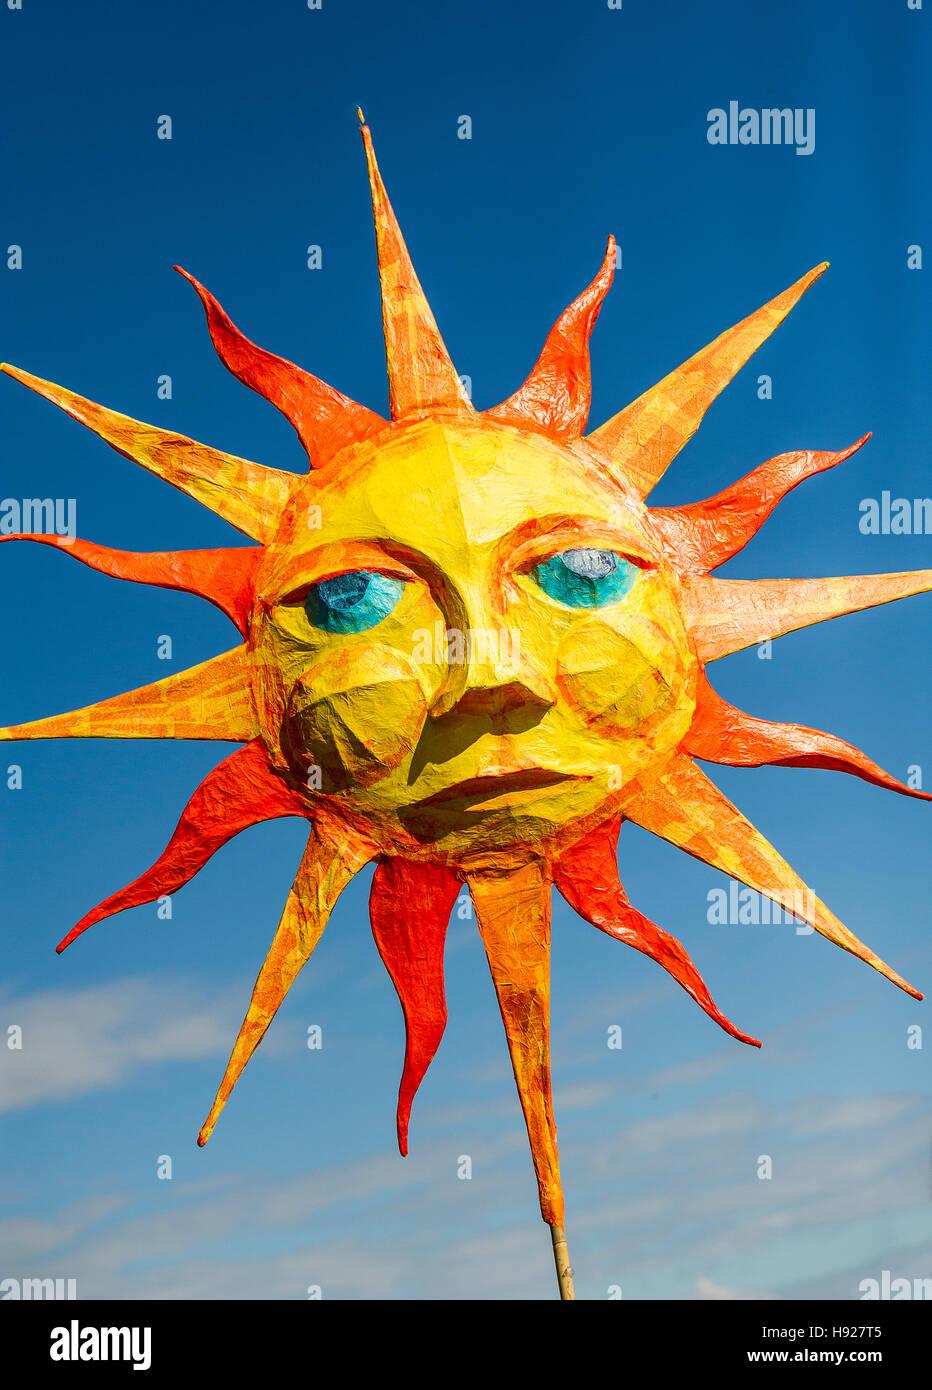 Ein papier Pappmaché-Darstellung der Sonne in der Penryn-Festival in Cornwall. Stockbild